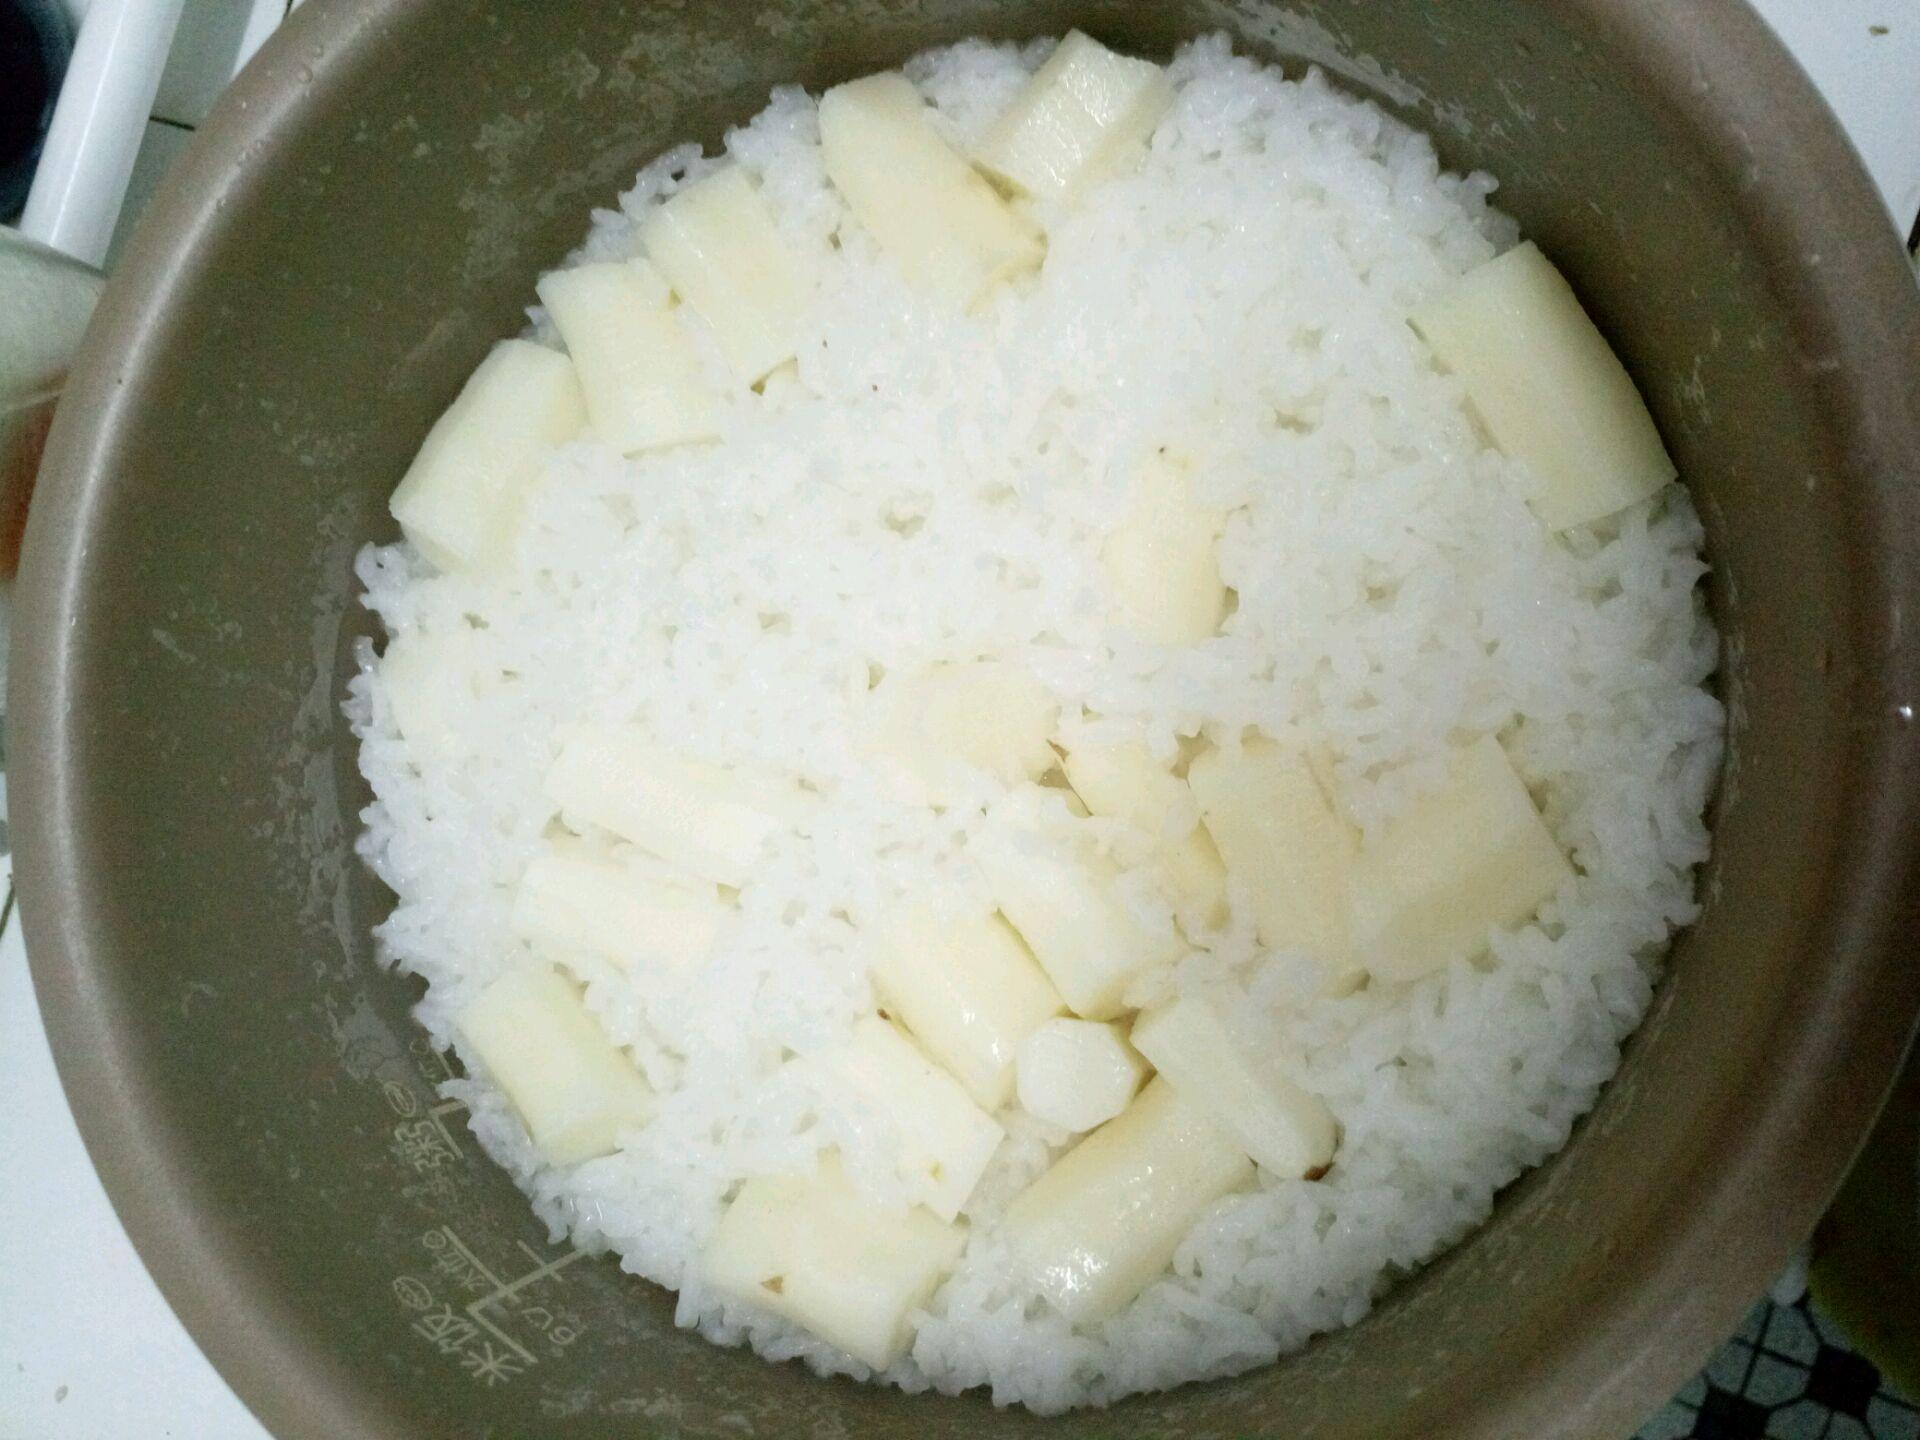 按正常得焖米饭步骤淘米,淘米后加入正常的水量浸泡,将铁棍山药削皮